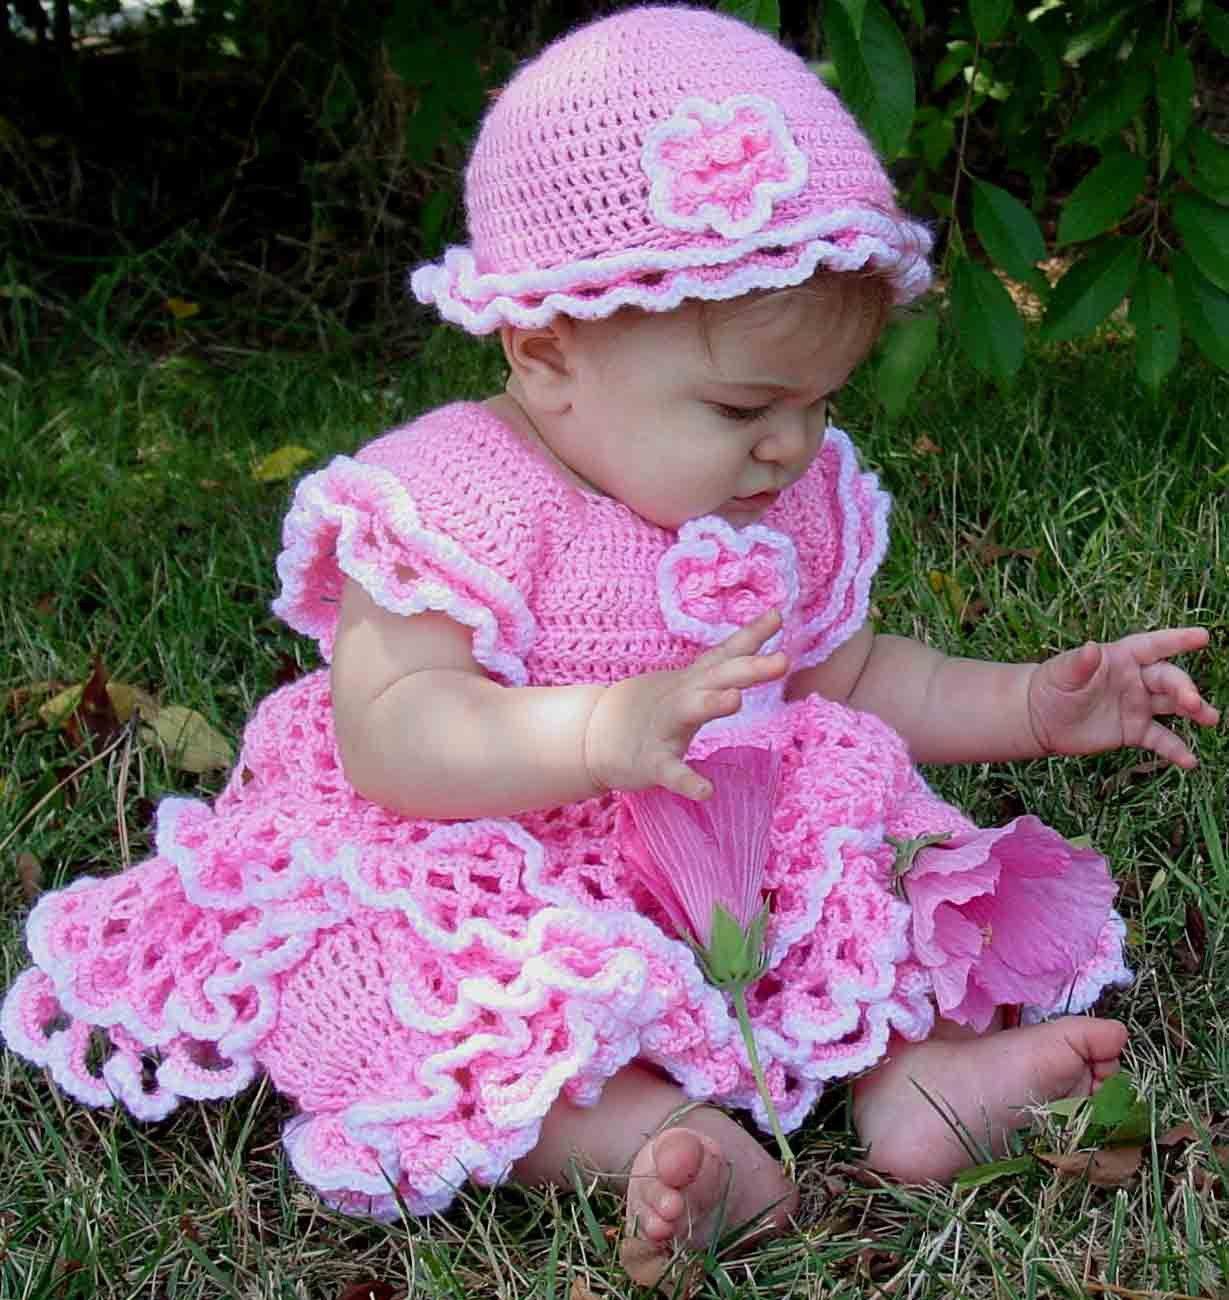 Savannah Ruffled Baby Set Crochet Pattern | Tejido, Bebé y Bebe